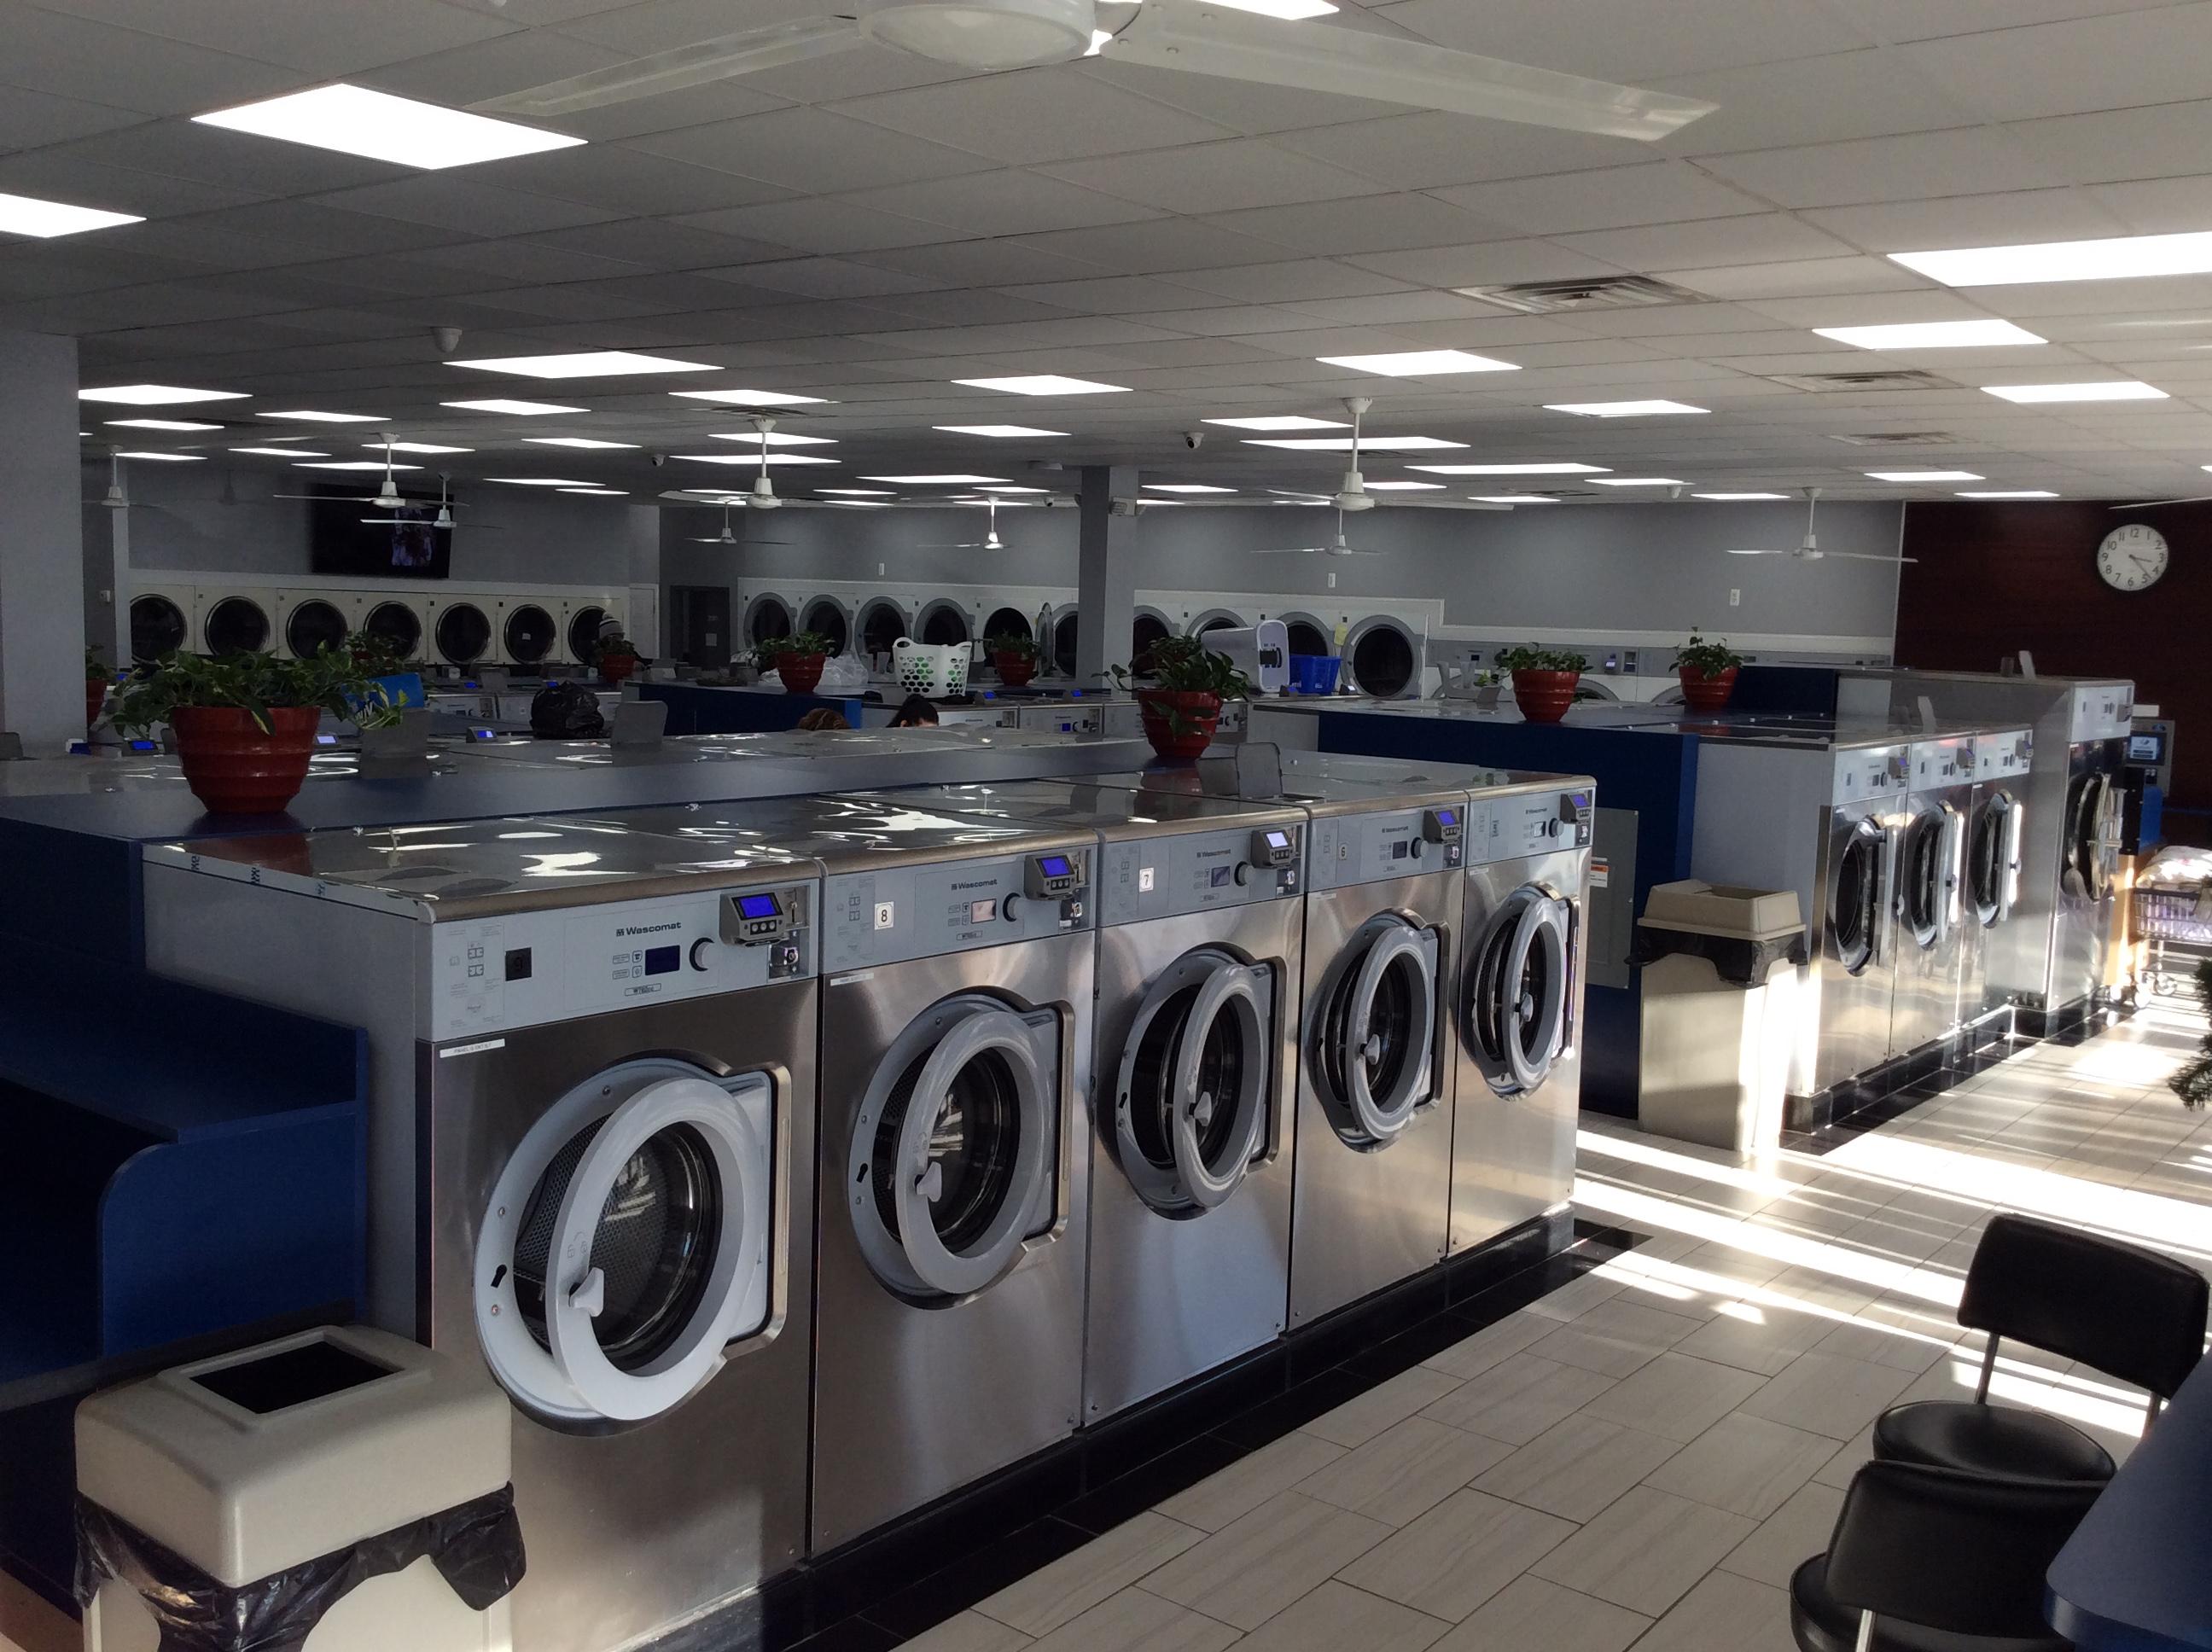 Liberia Laundromat